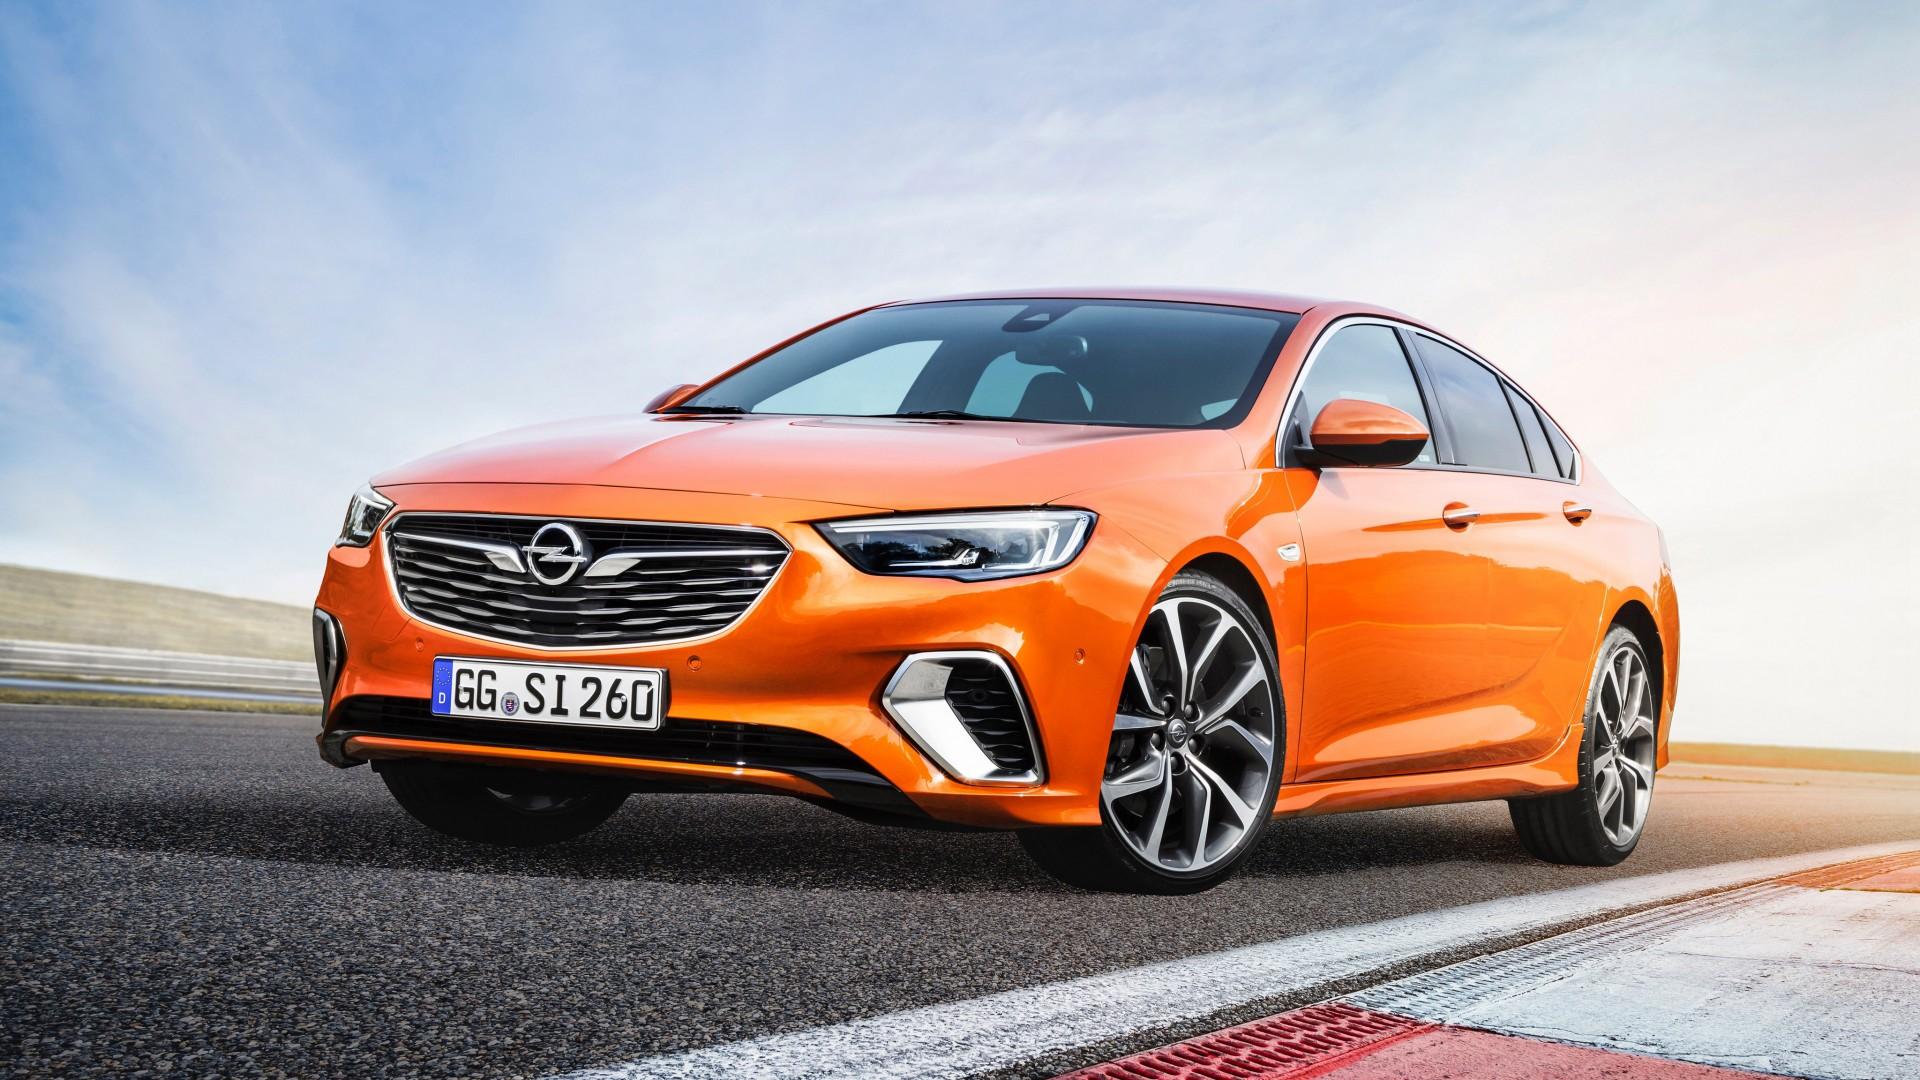 Bmw Concept Car Wallpaper 2018 Opel Insignia Gsi 4k Wallpaper Hd Car Wallpapers